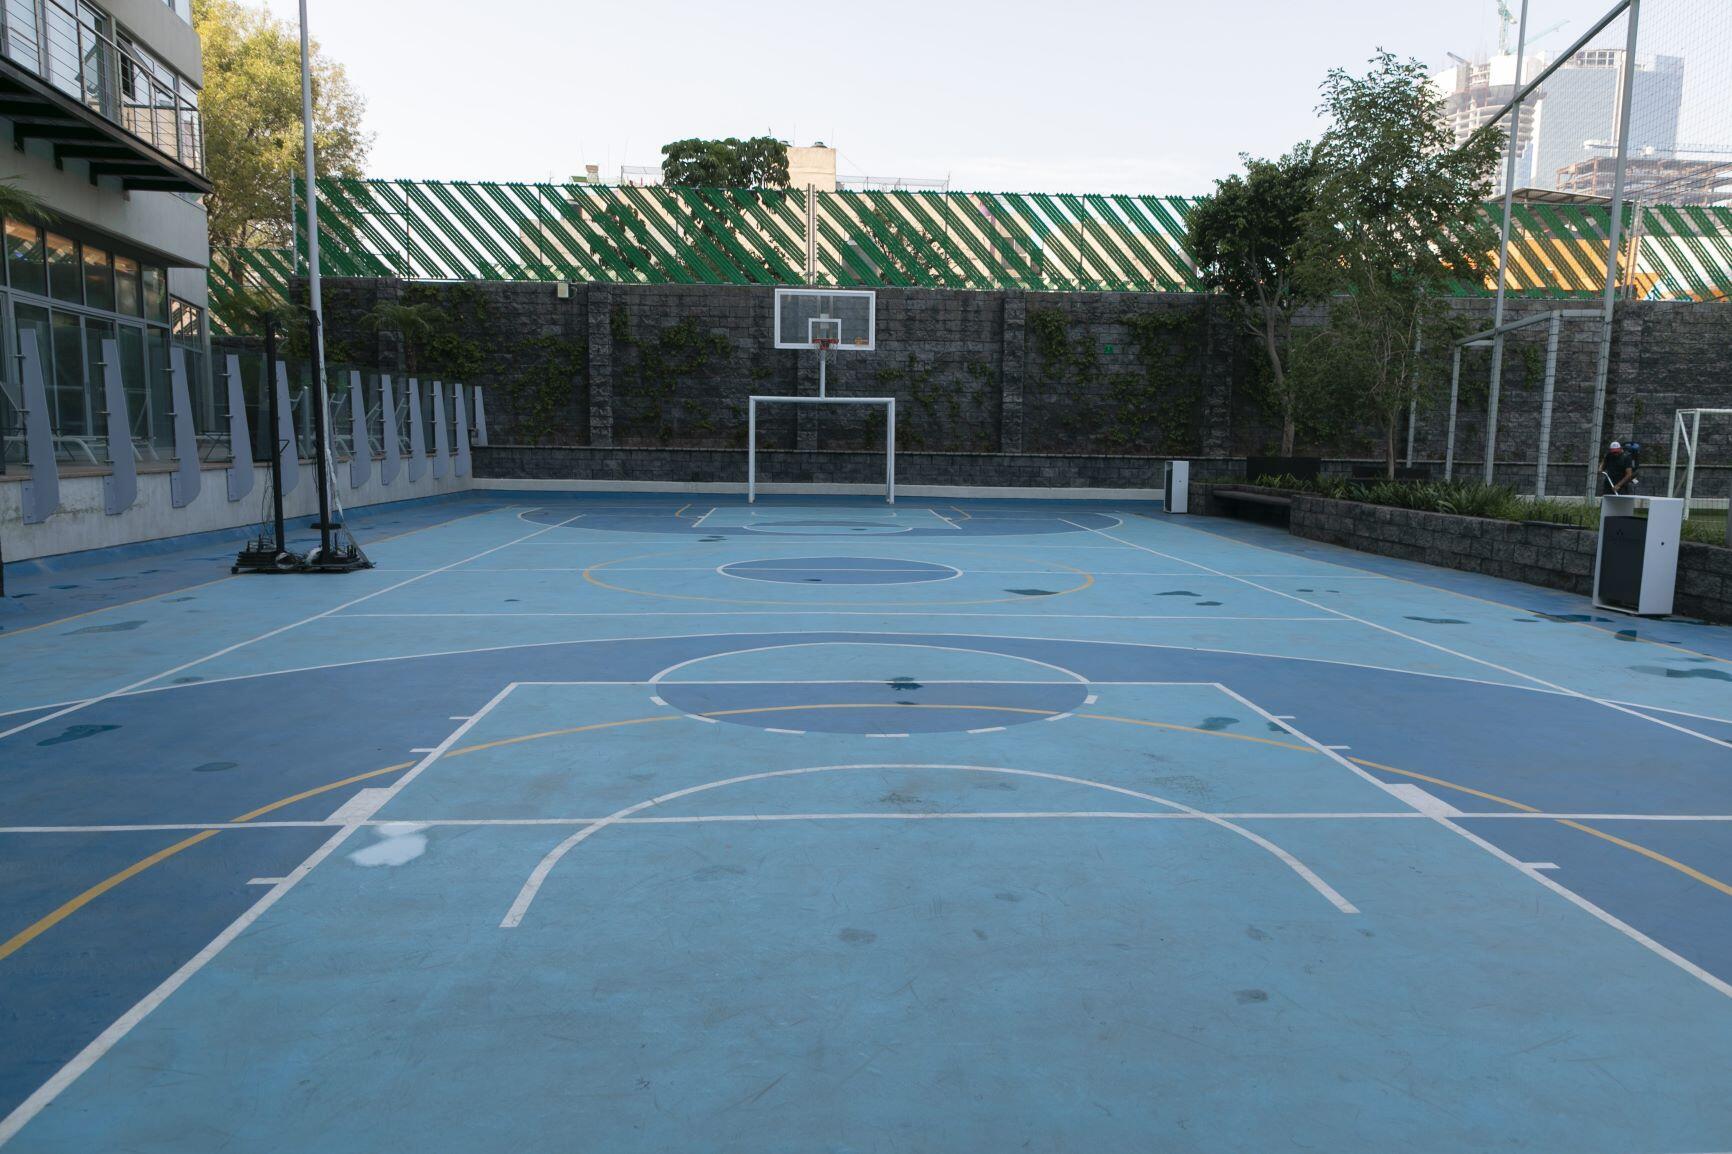 Departamento en venta en City Towers Park Grand, Colonia Xoco, Benito Juárez, CDMX. Cancha basquet